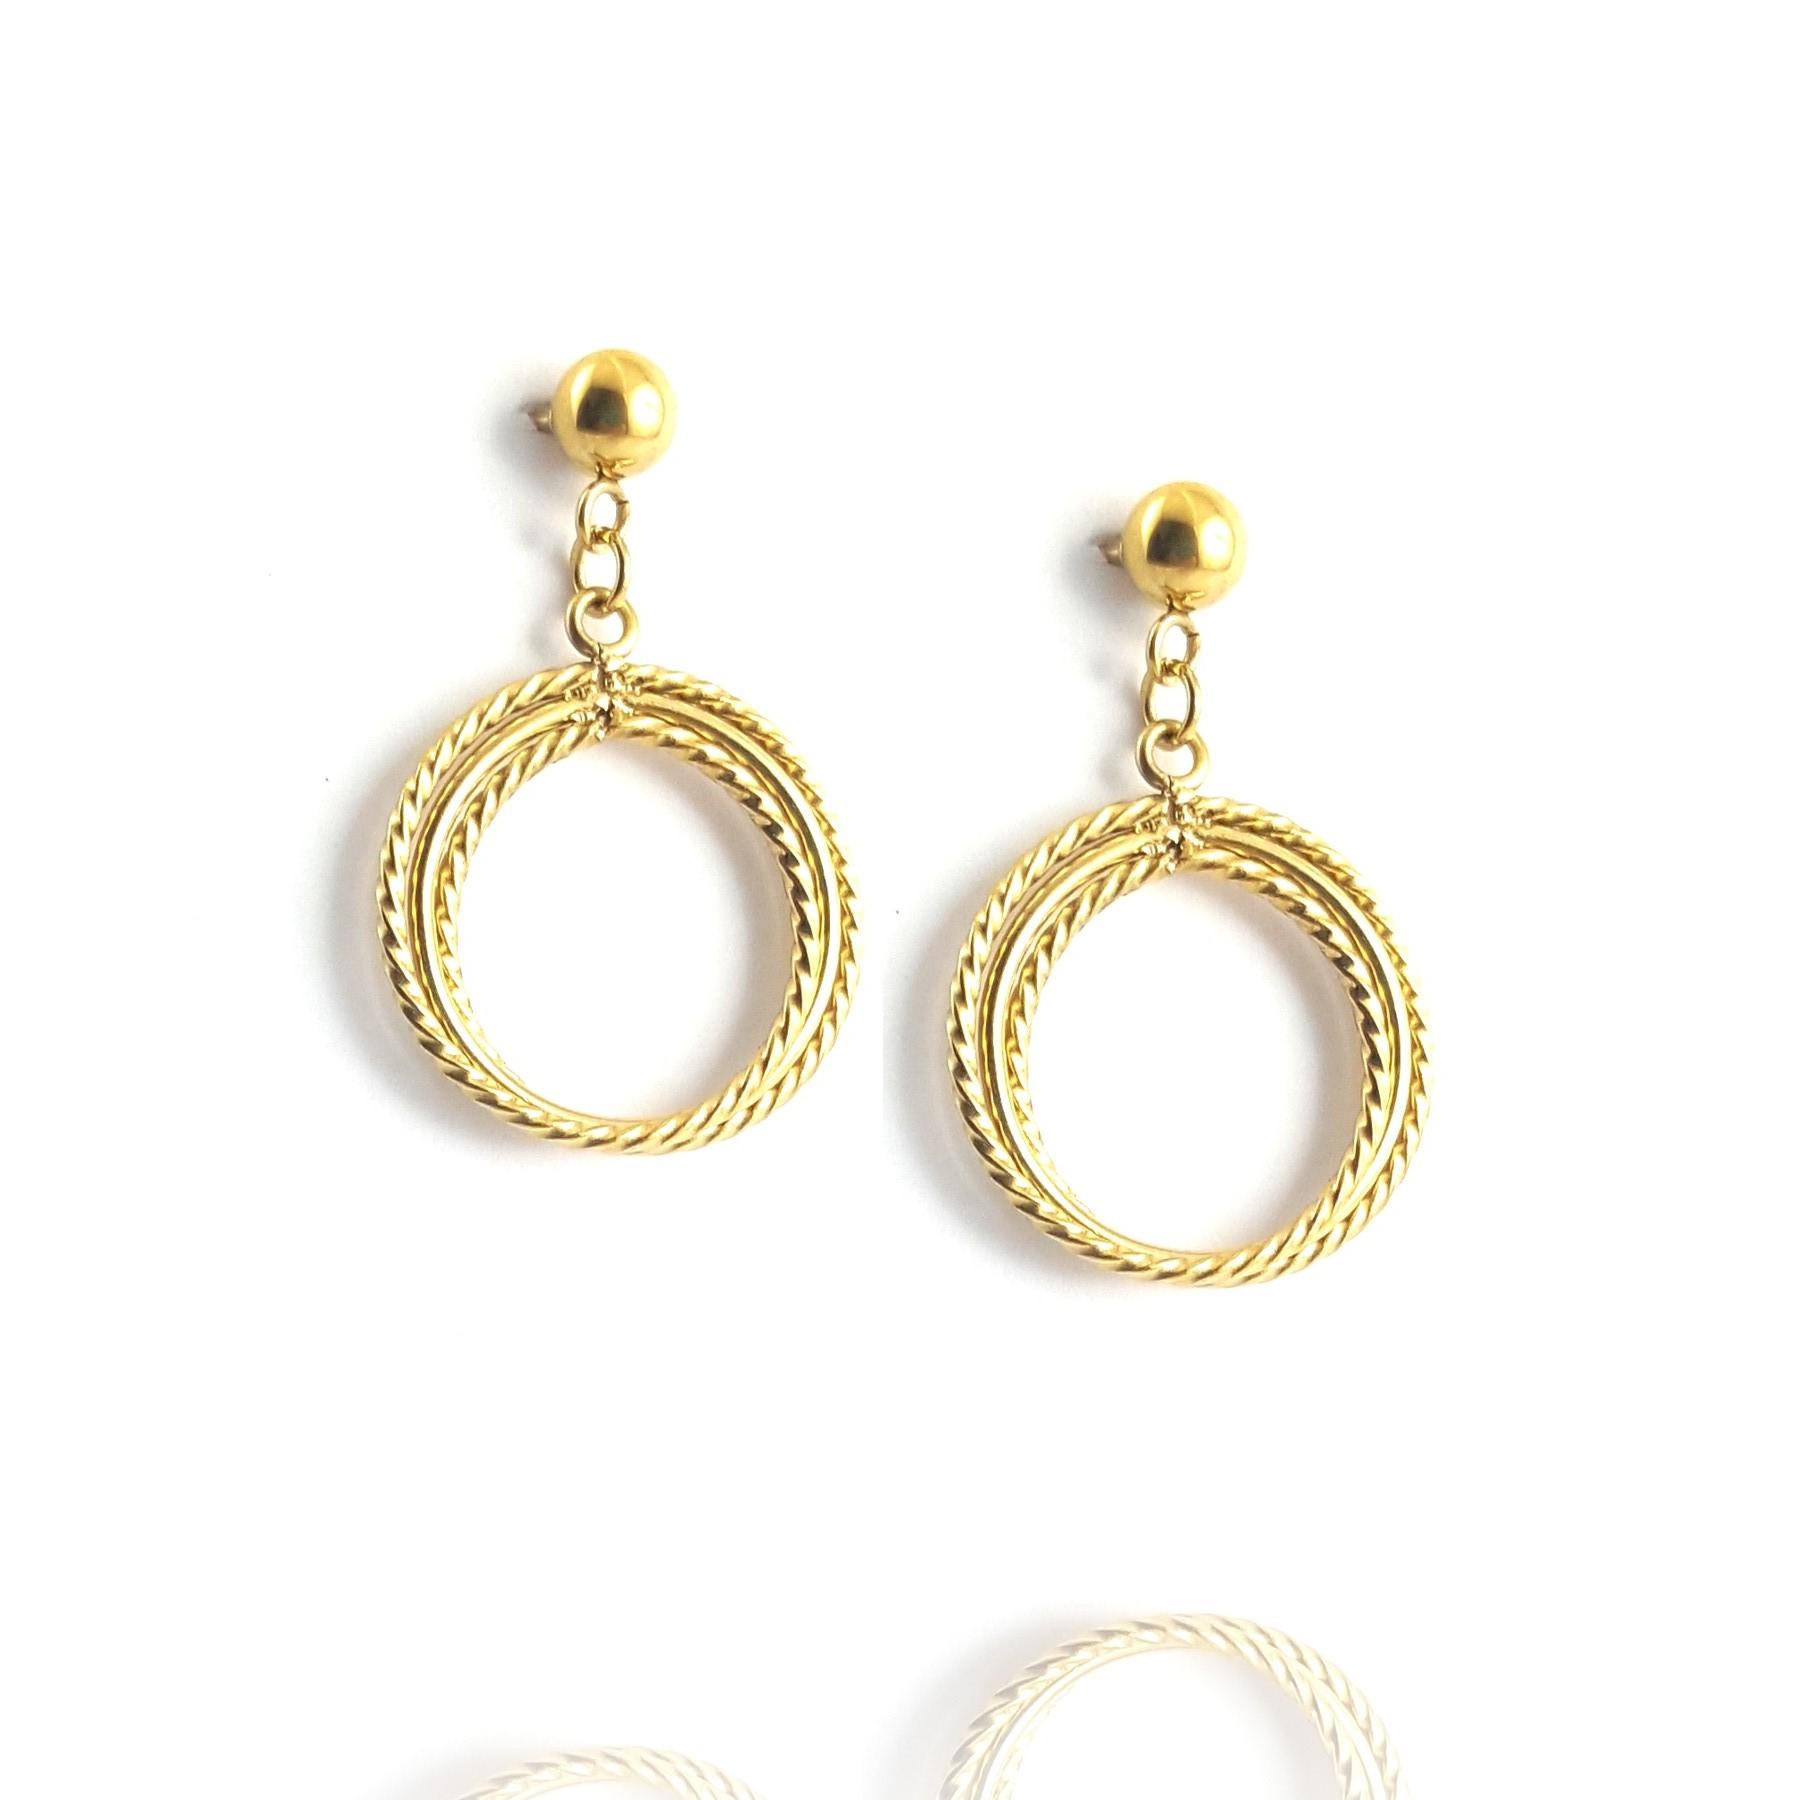 boucles d'oreilles torsadées - identités bijoux